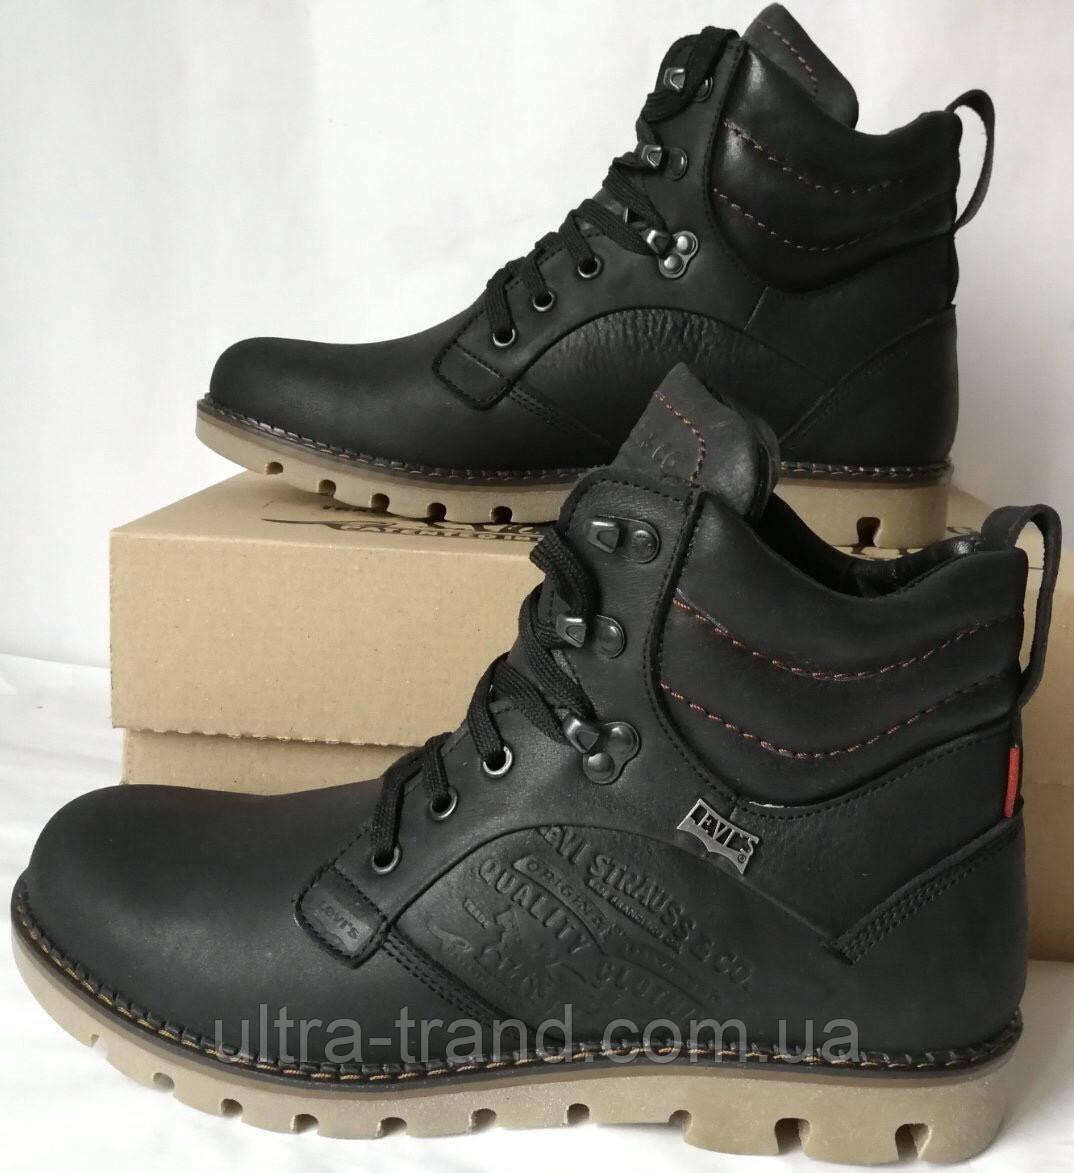 Качественные берцы  Levis сапоги жесть!) Стильные мужские зимние ботинки